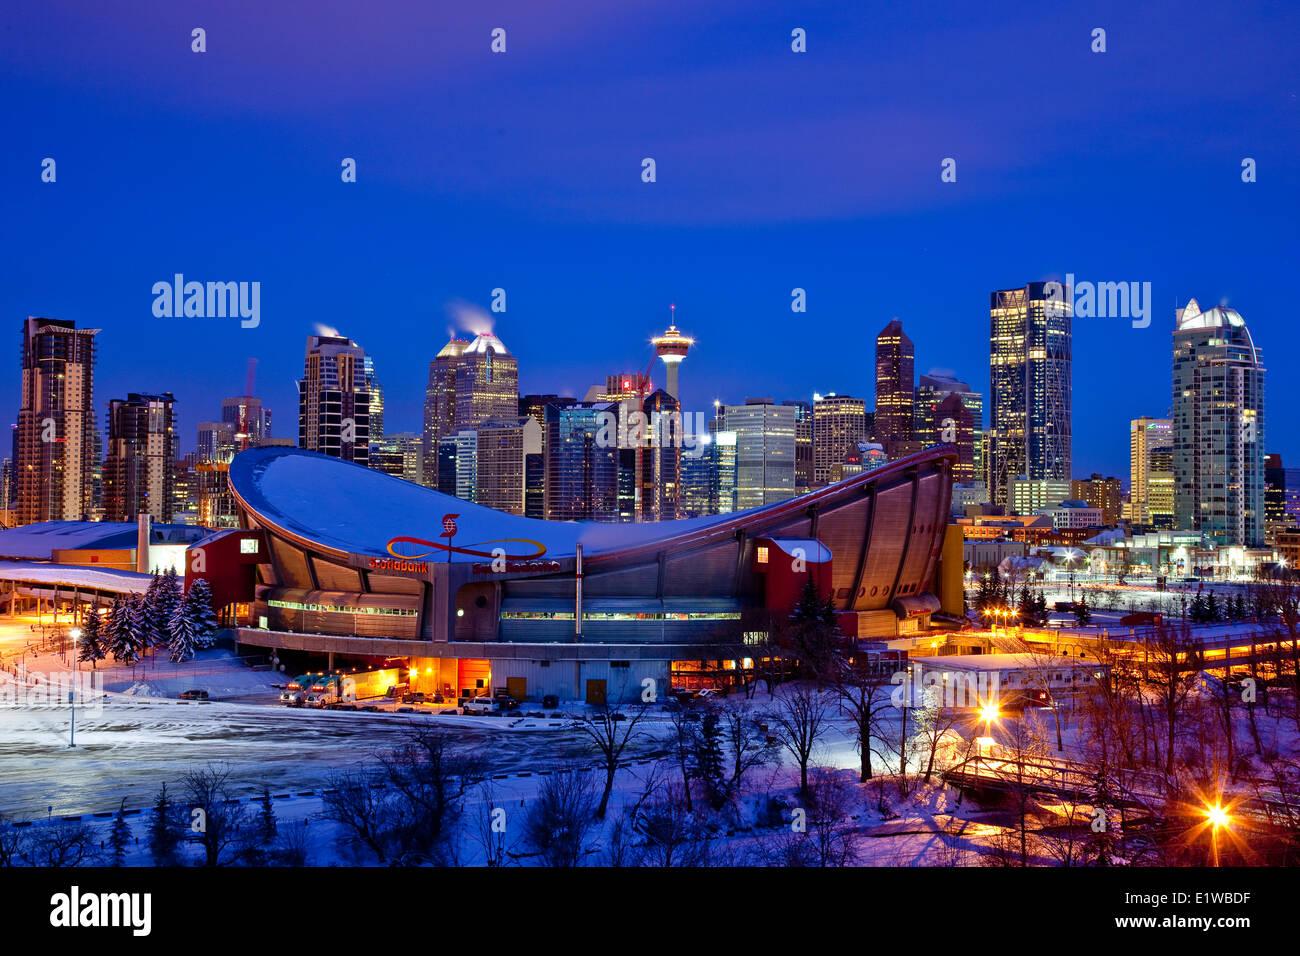 Skyline von Calgary in der Nacht im Winter mit Scotiabank Saddledome in Vordergrund, Calgary, Alberta, Kanada. Stockbild